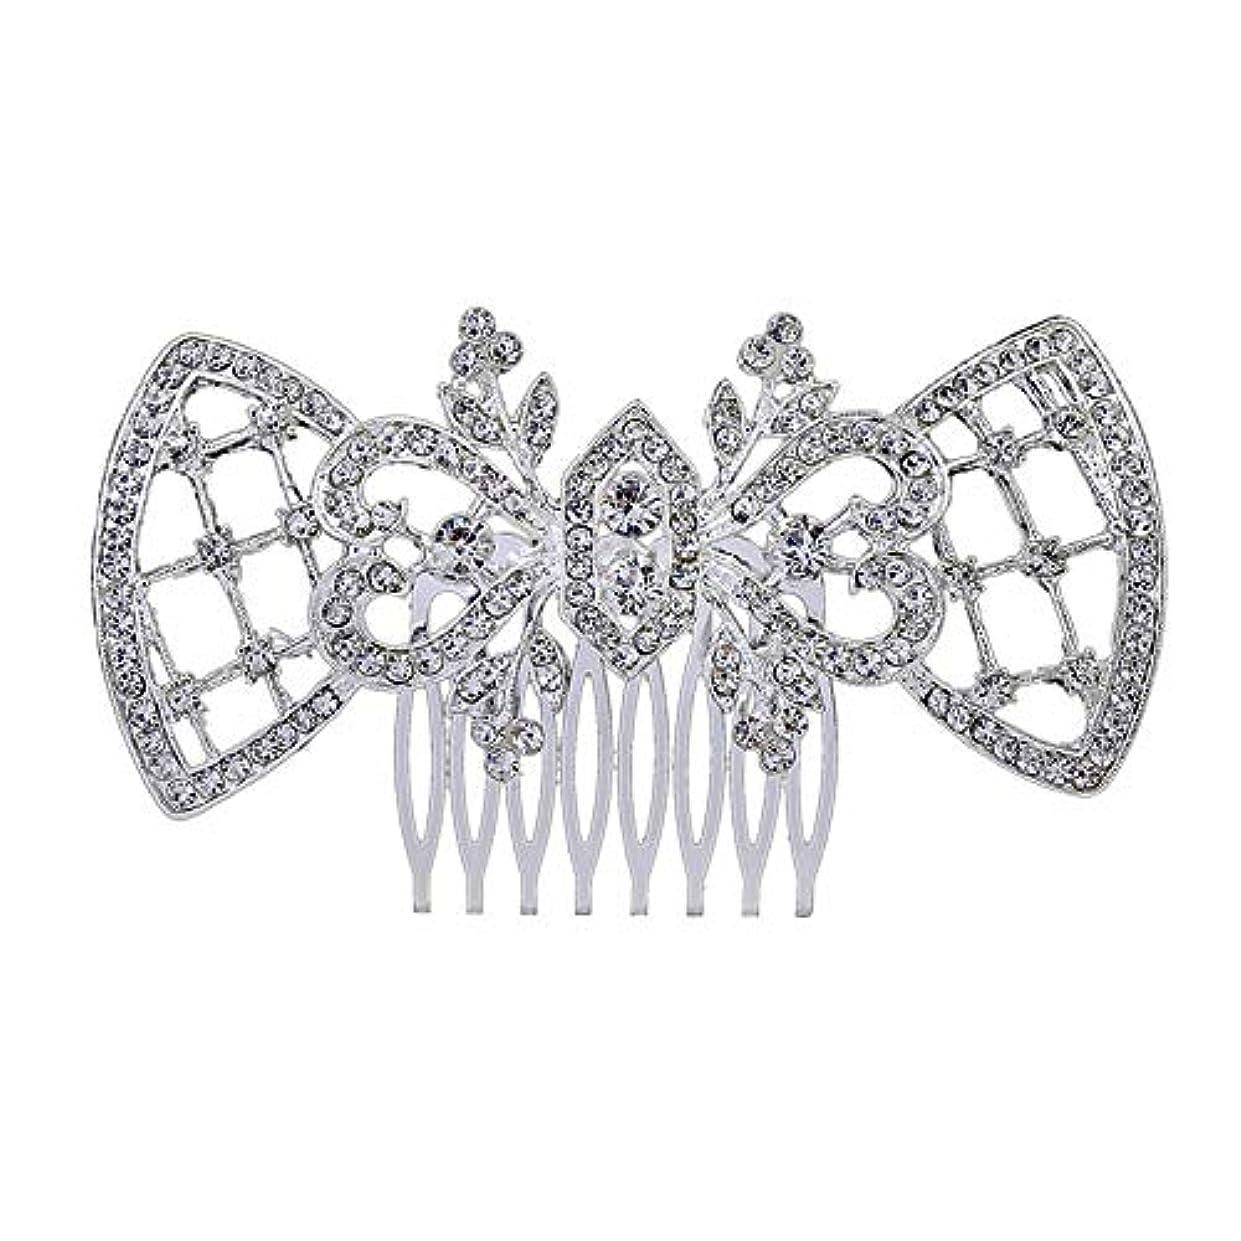 アラスカ聖歌工場髪の櫛、櫛、ブライダル髪、髪の櫛、ハート形、ラインストーンの櫛、合金の帽子、結婚式のアクセサリー